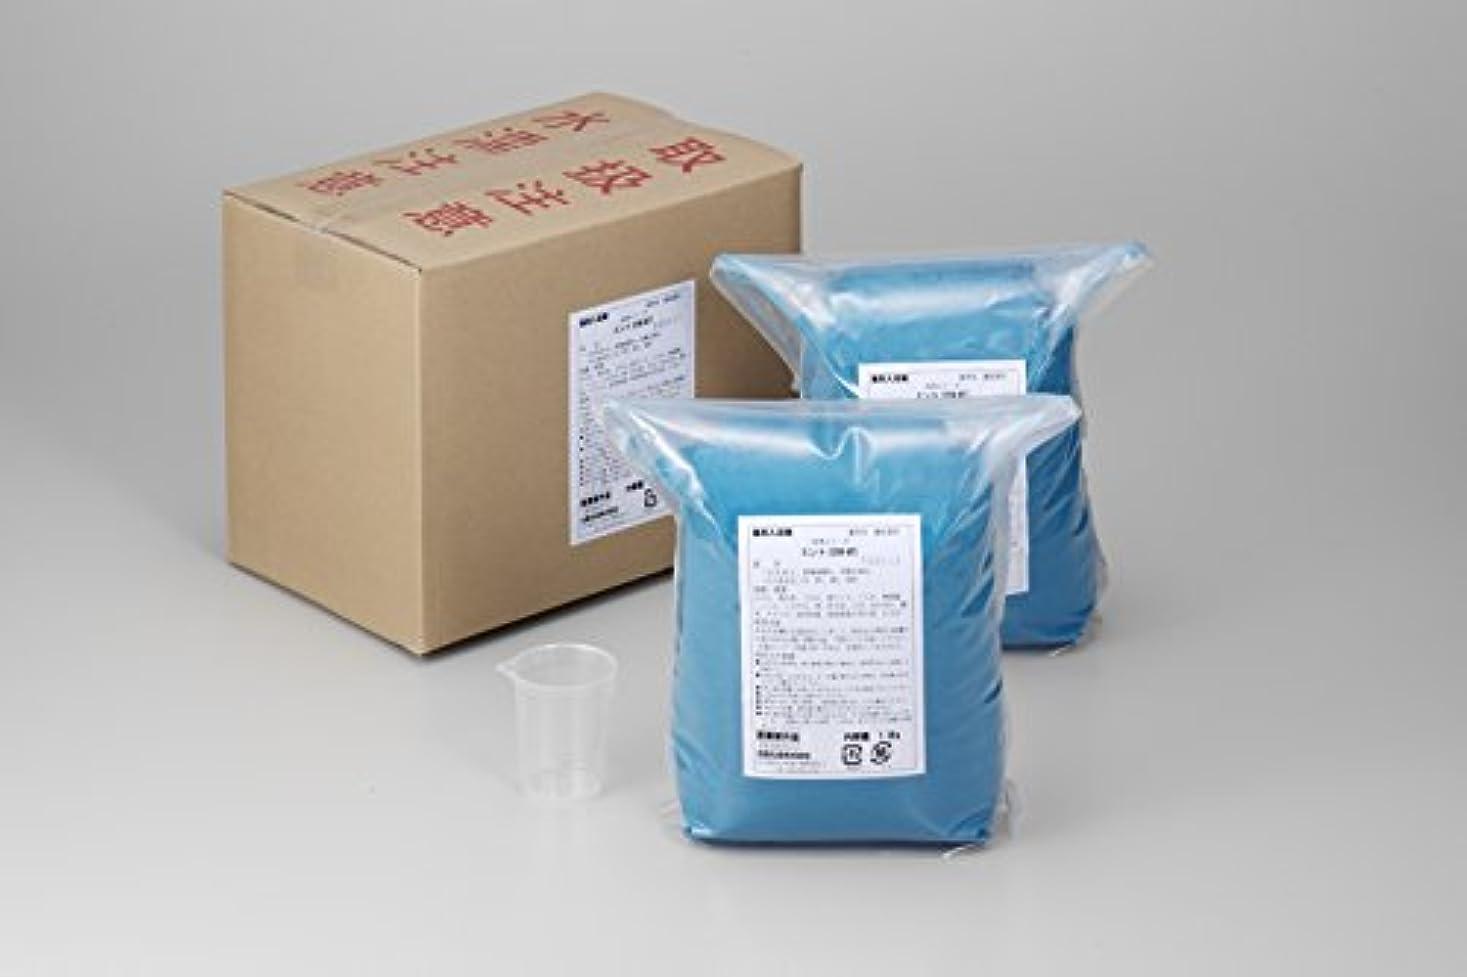 献身支援調停する業務用入浴剤「ミント」15kg(7.5kg×2)